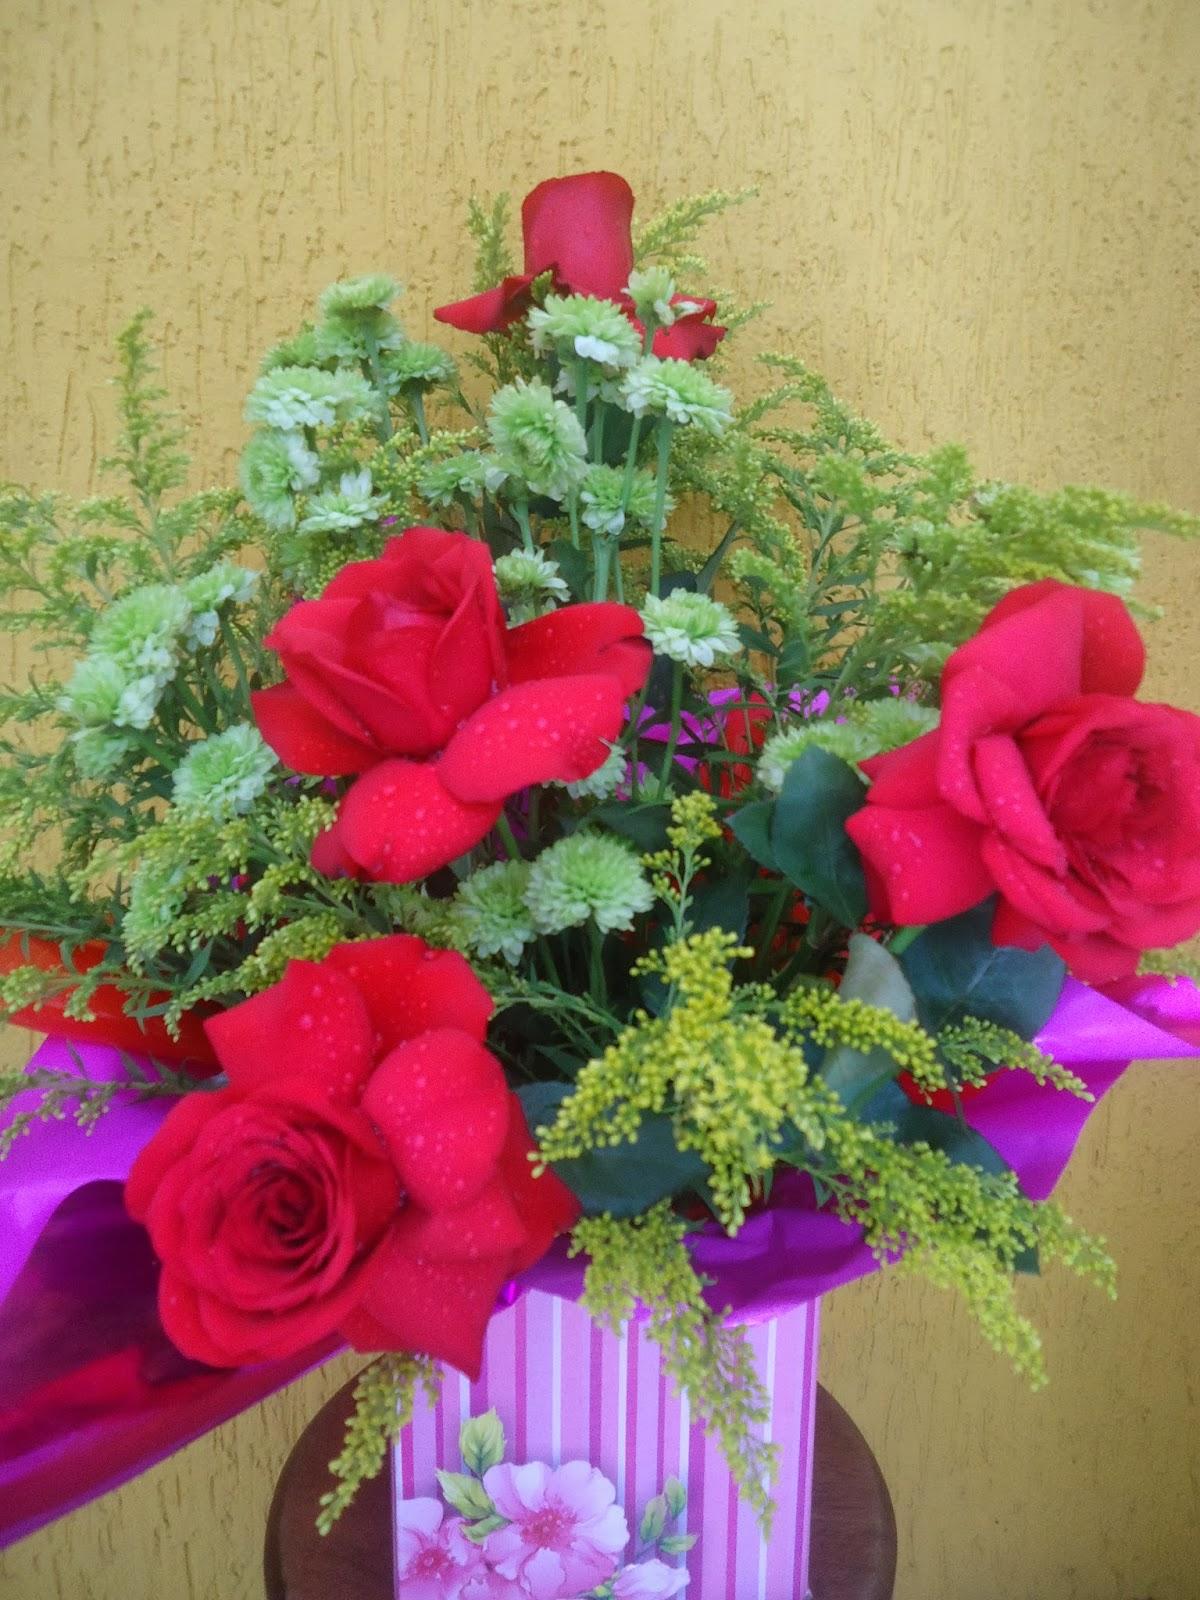 Ideias de arranjos de flores criativos MdeMulher - Fotos Arranjos De Flores Naturais